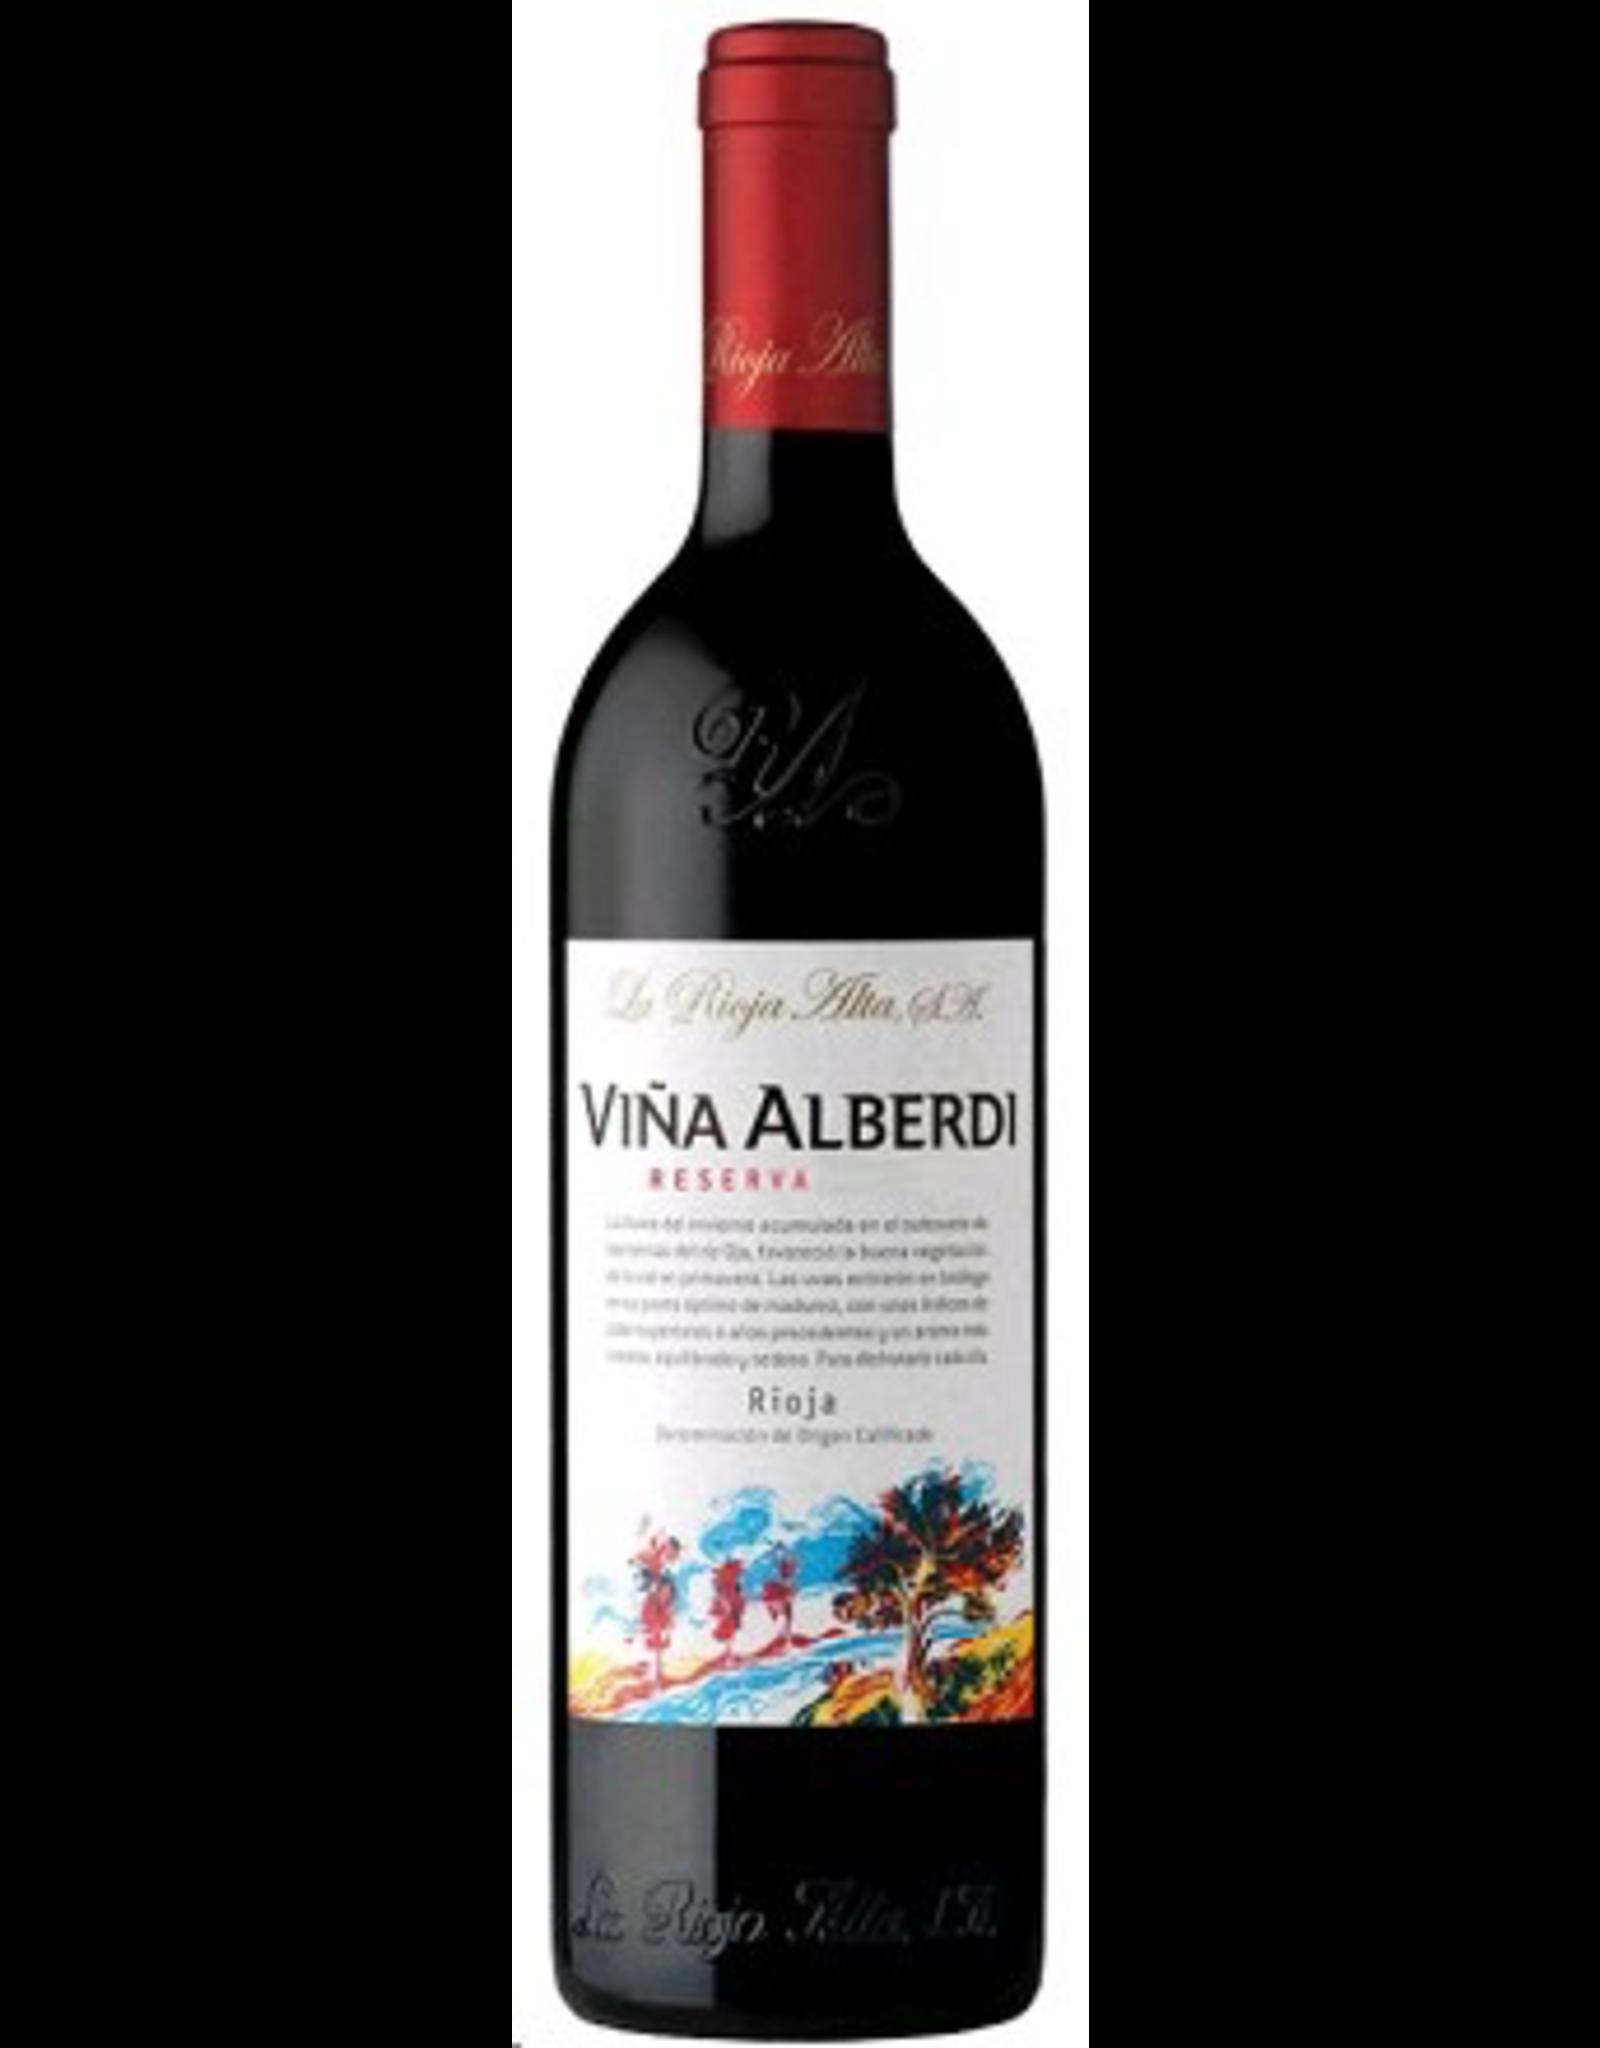 Red Wine 2012, 375ml La Rioja Alta S.A. Vina ALBERDI Reserva, Red Tempranillo Blend, Haro, Rioja, Spain, 13.5% Alc, CT